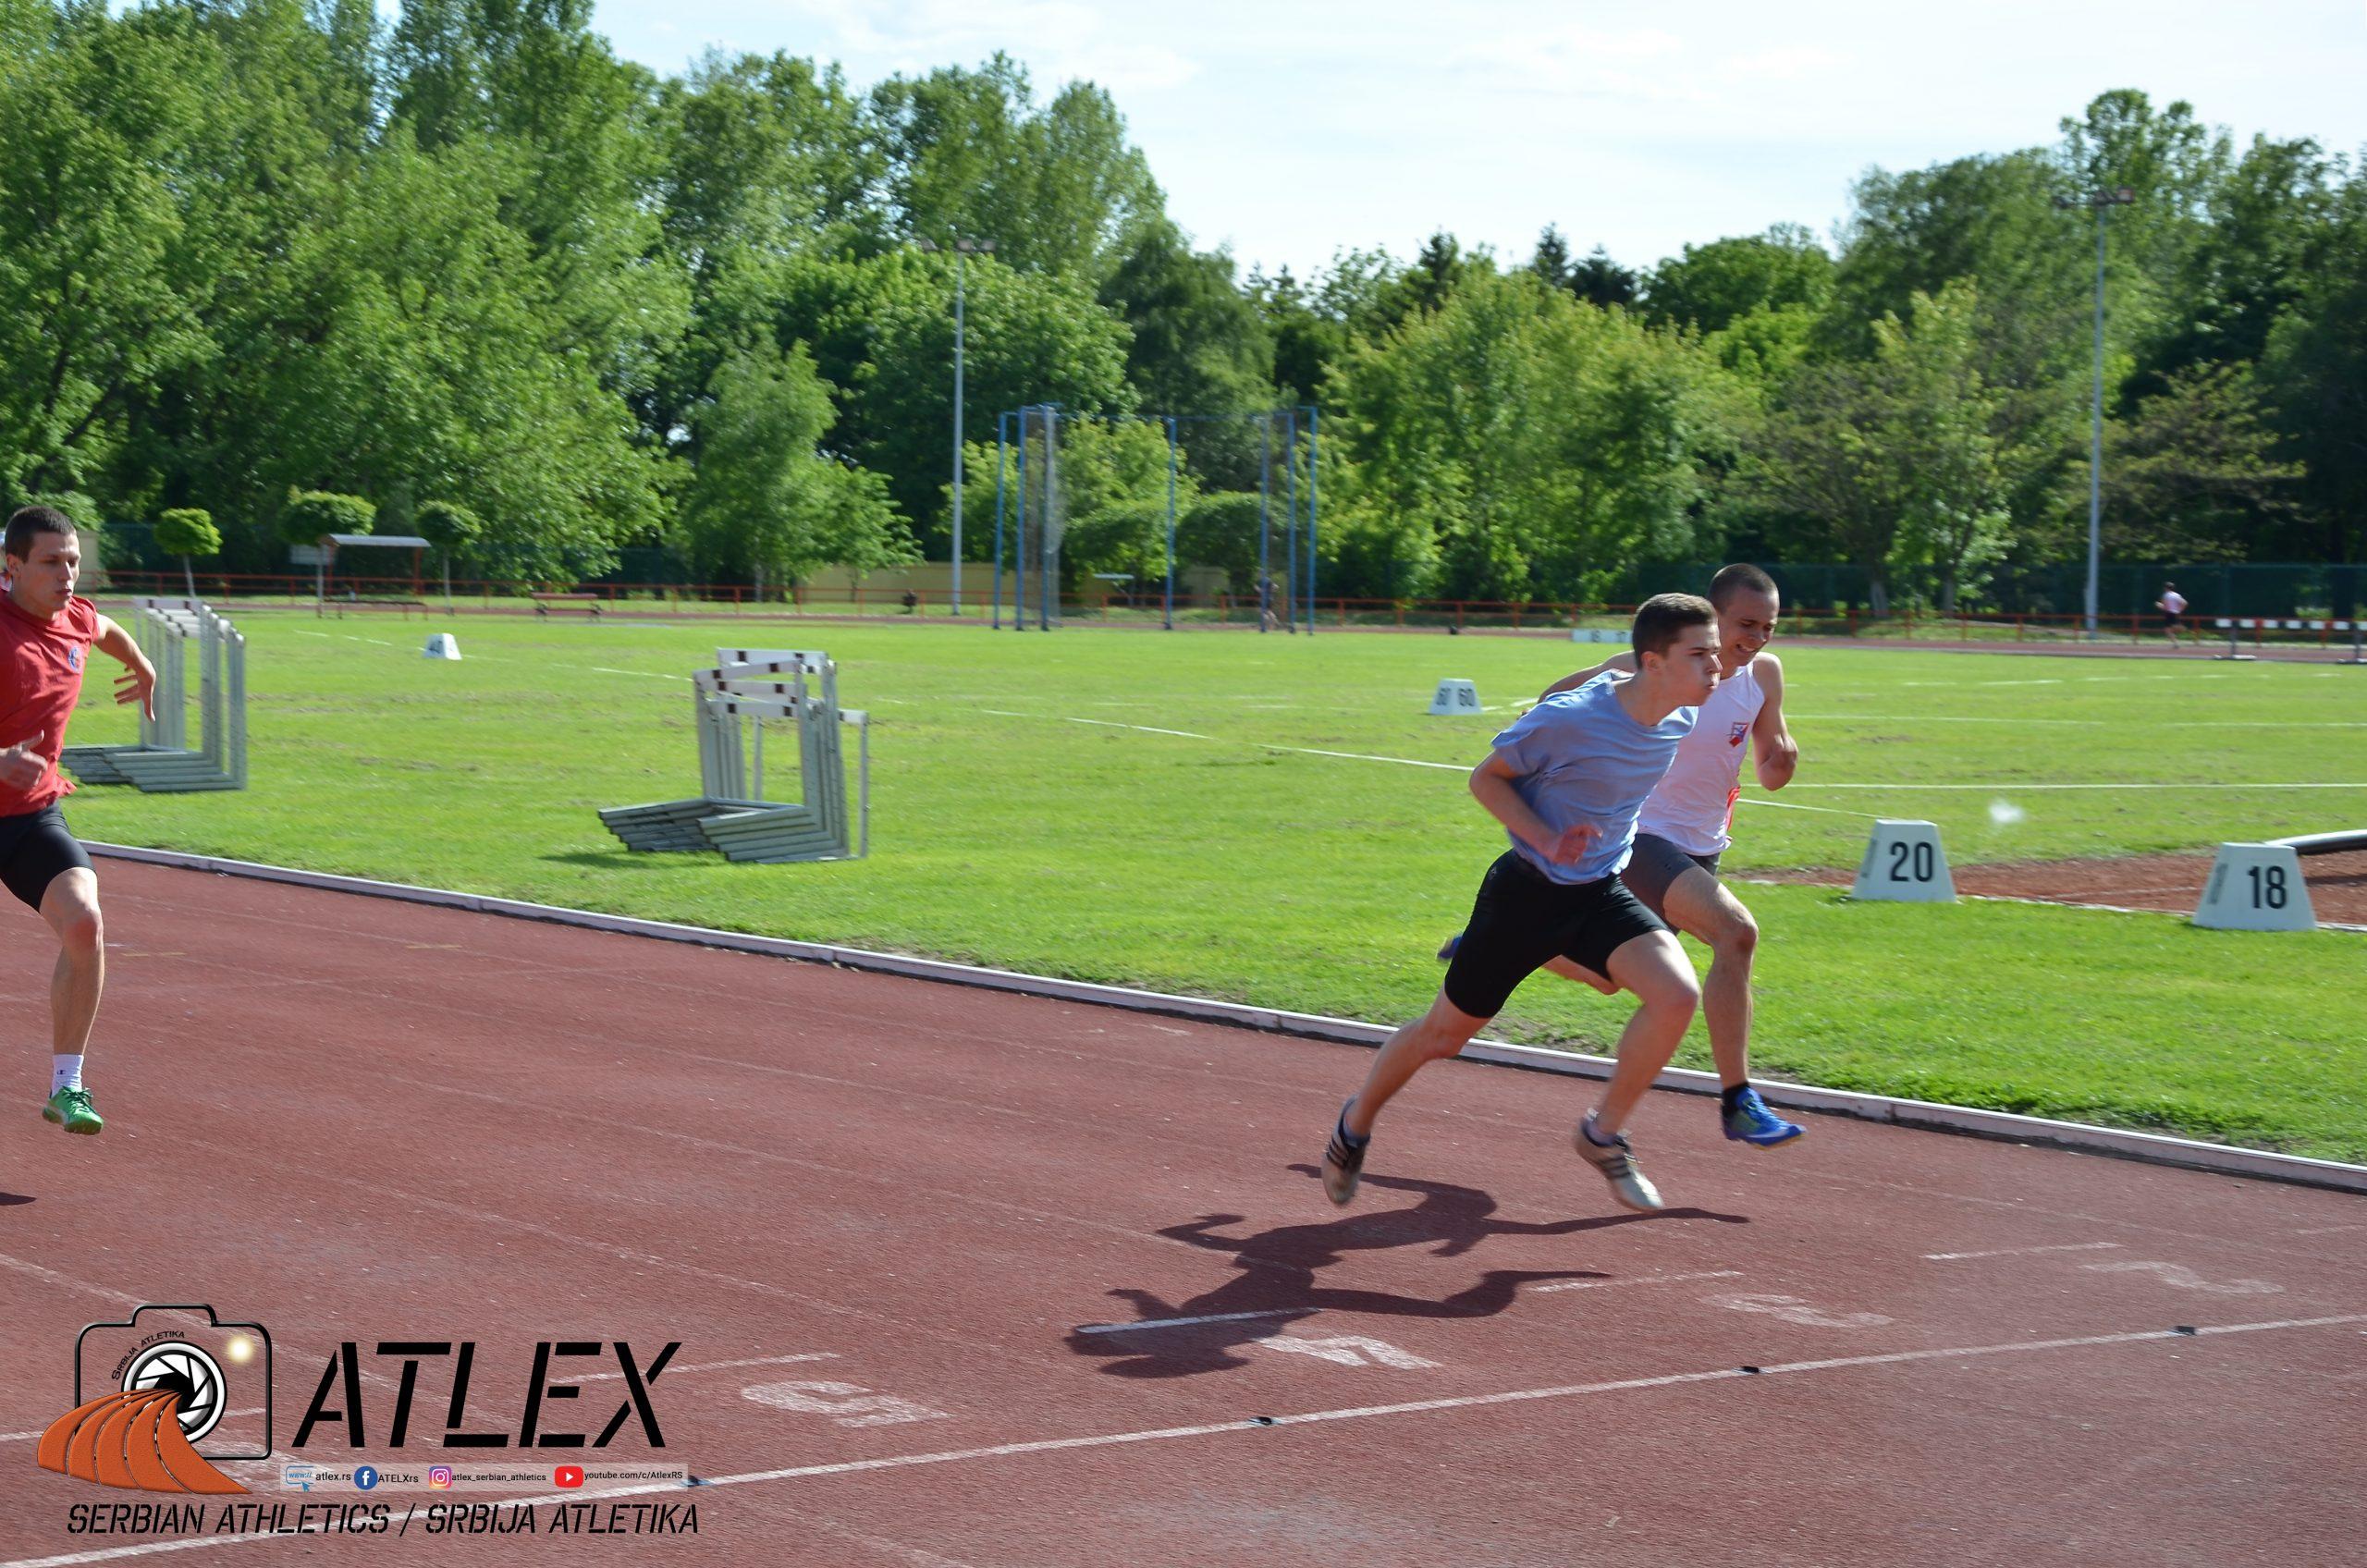 Finiš trke na 100 metara